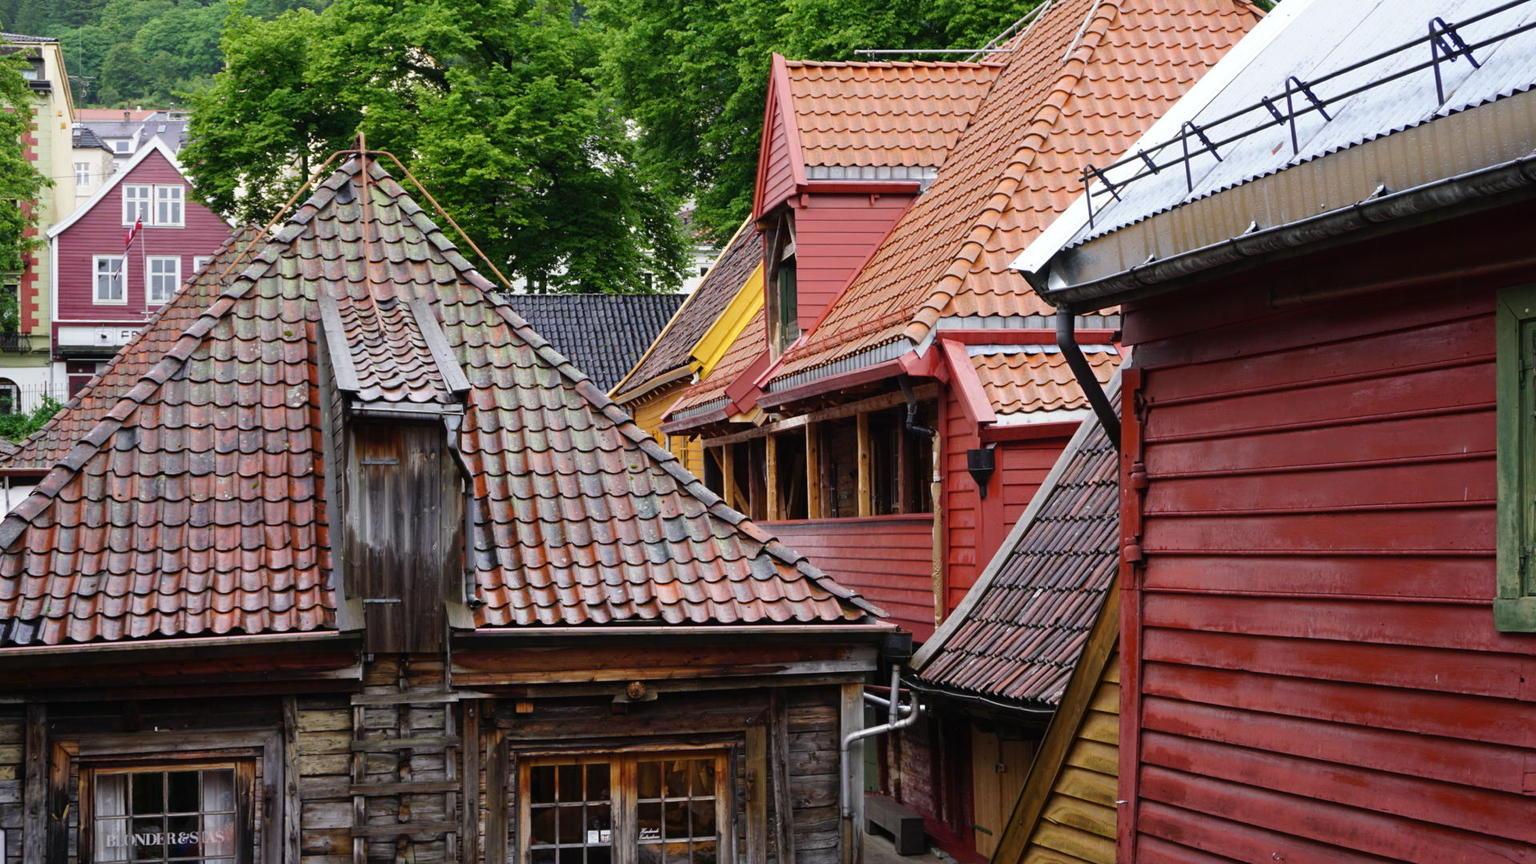 MÁS FOTOS, Tour turístico por la ciudad de Bergen en autobús con paradas libres